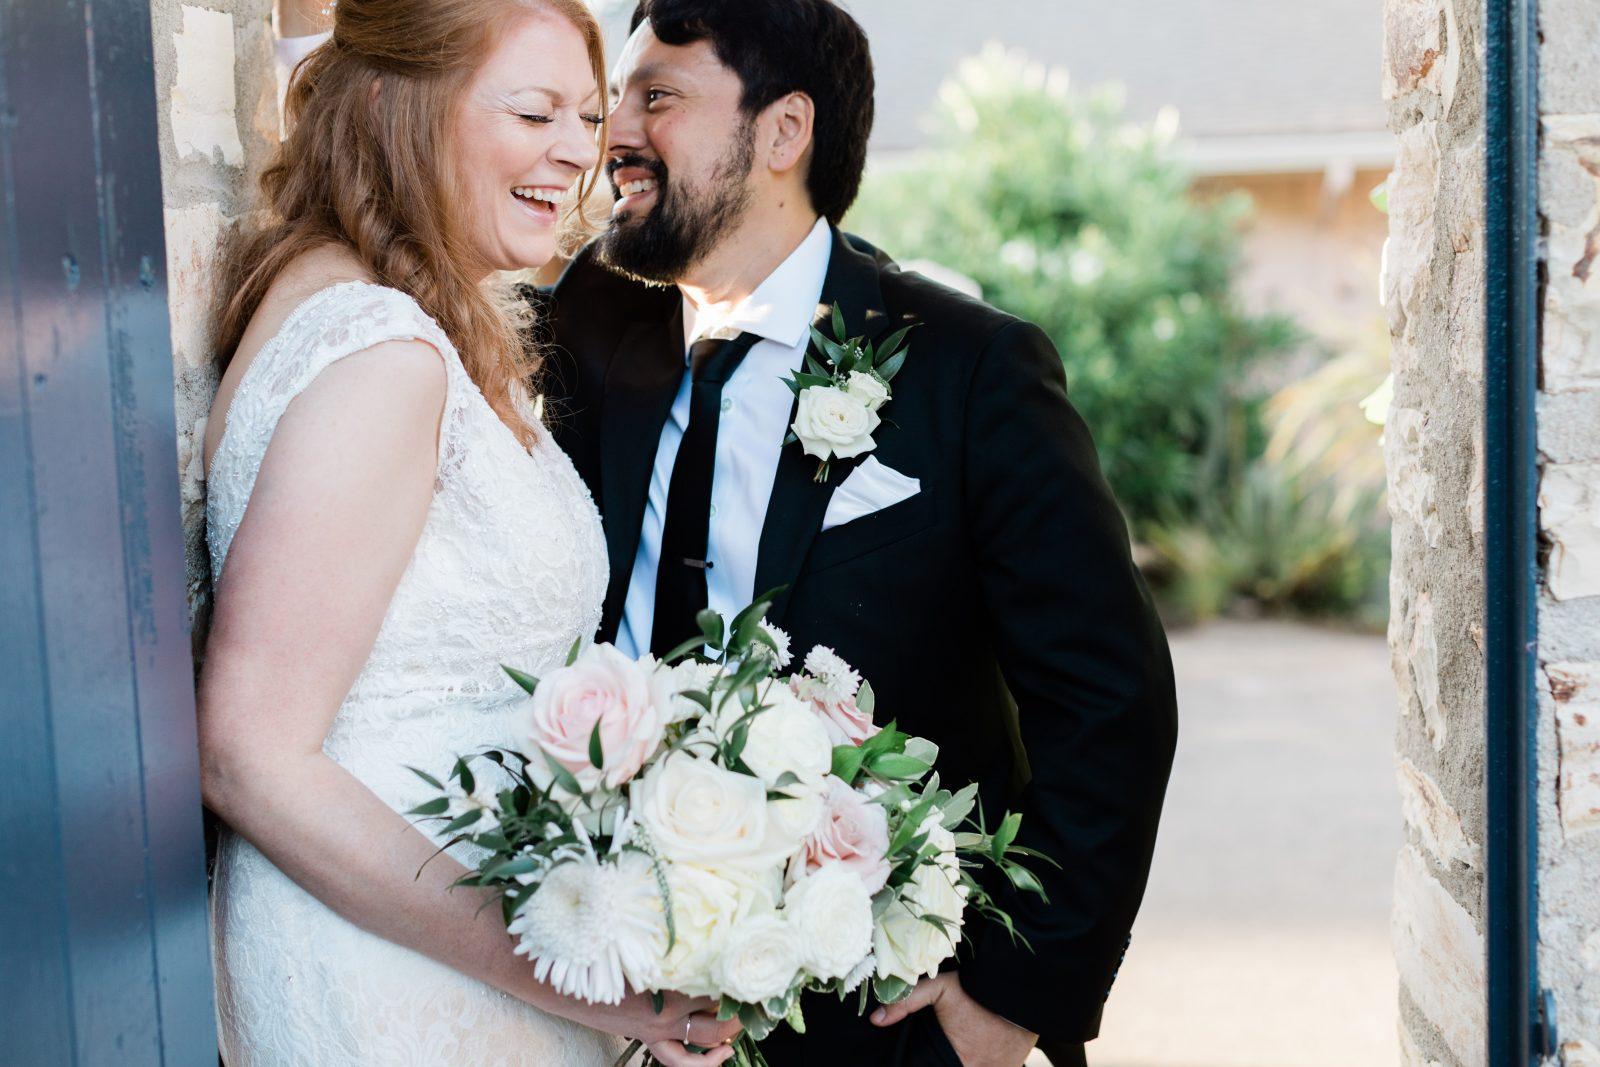 19-6-Jonathan-Liz-Wedding-Photographer-Monterey-Whaling-House-Barkis-Co-Photography-394